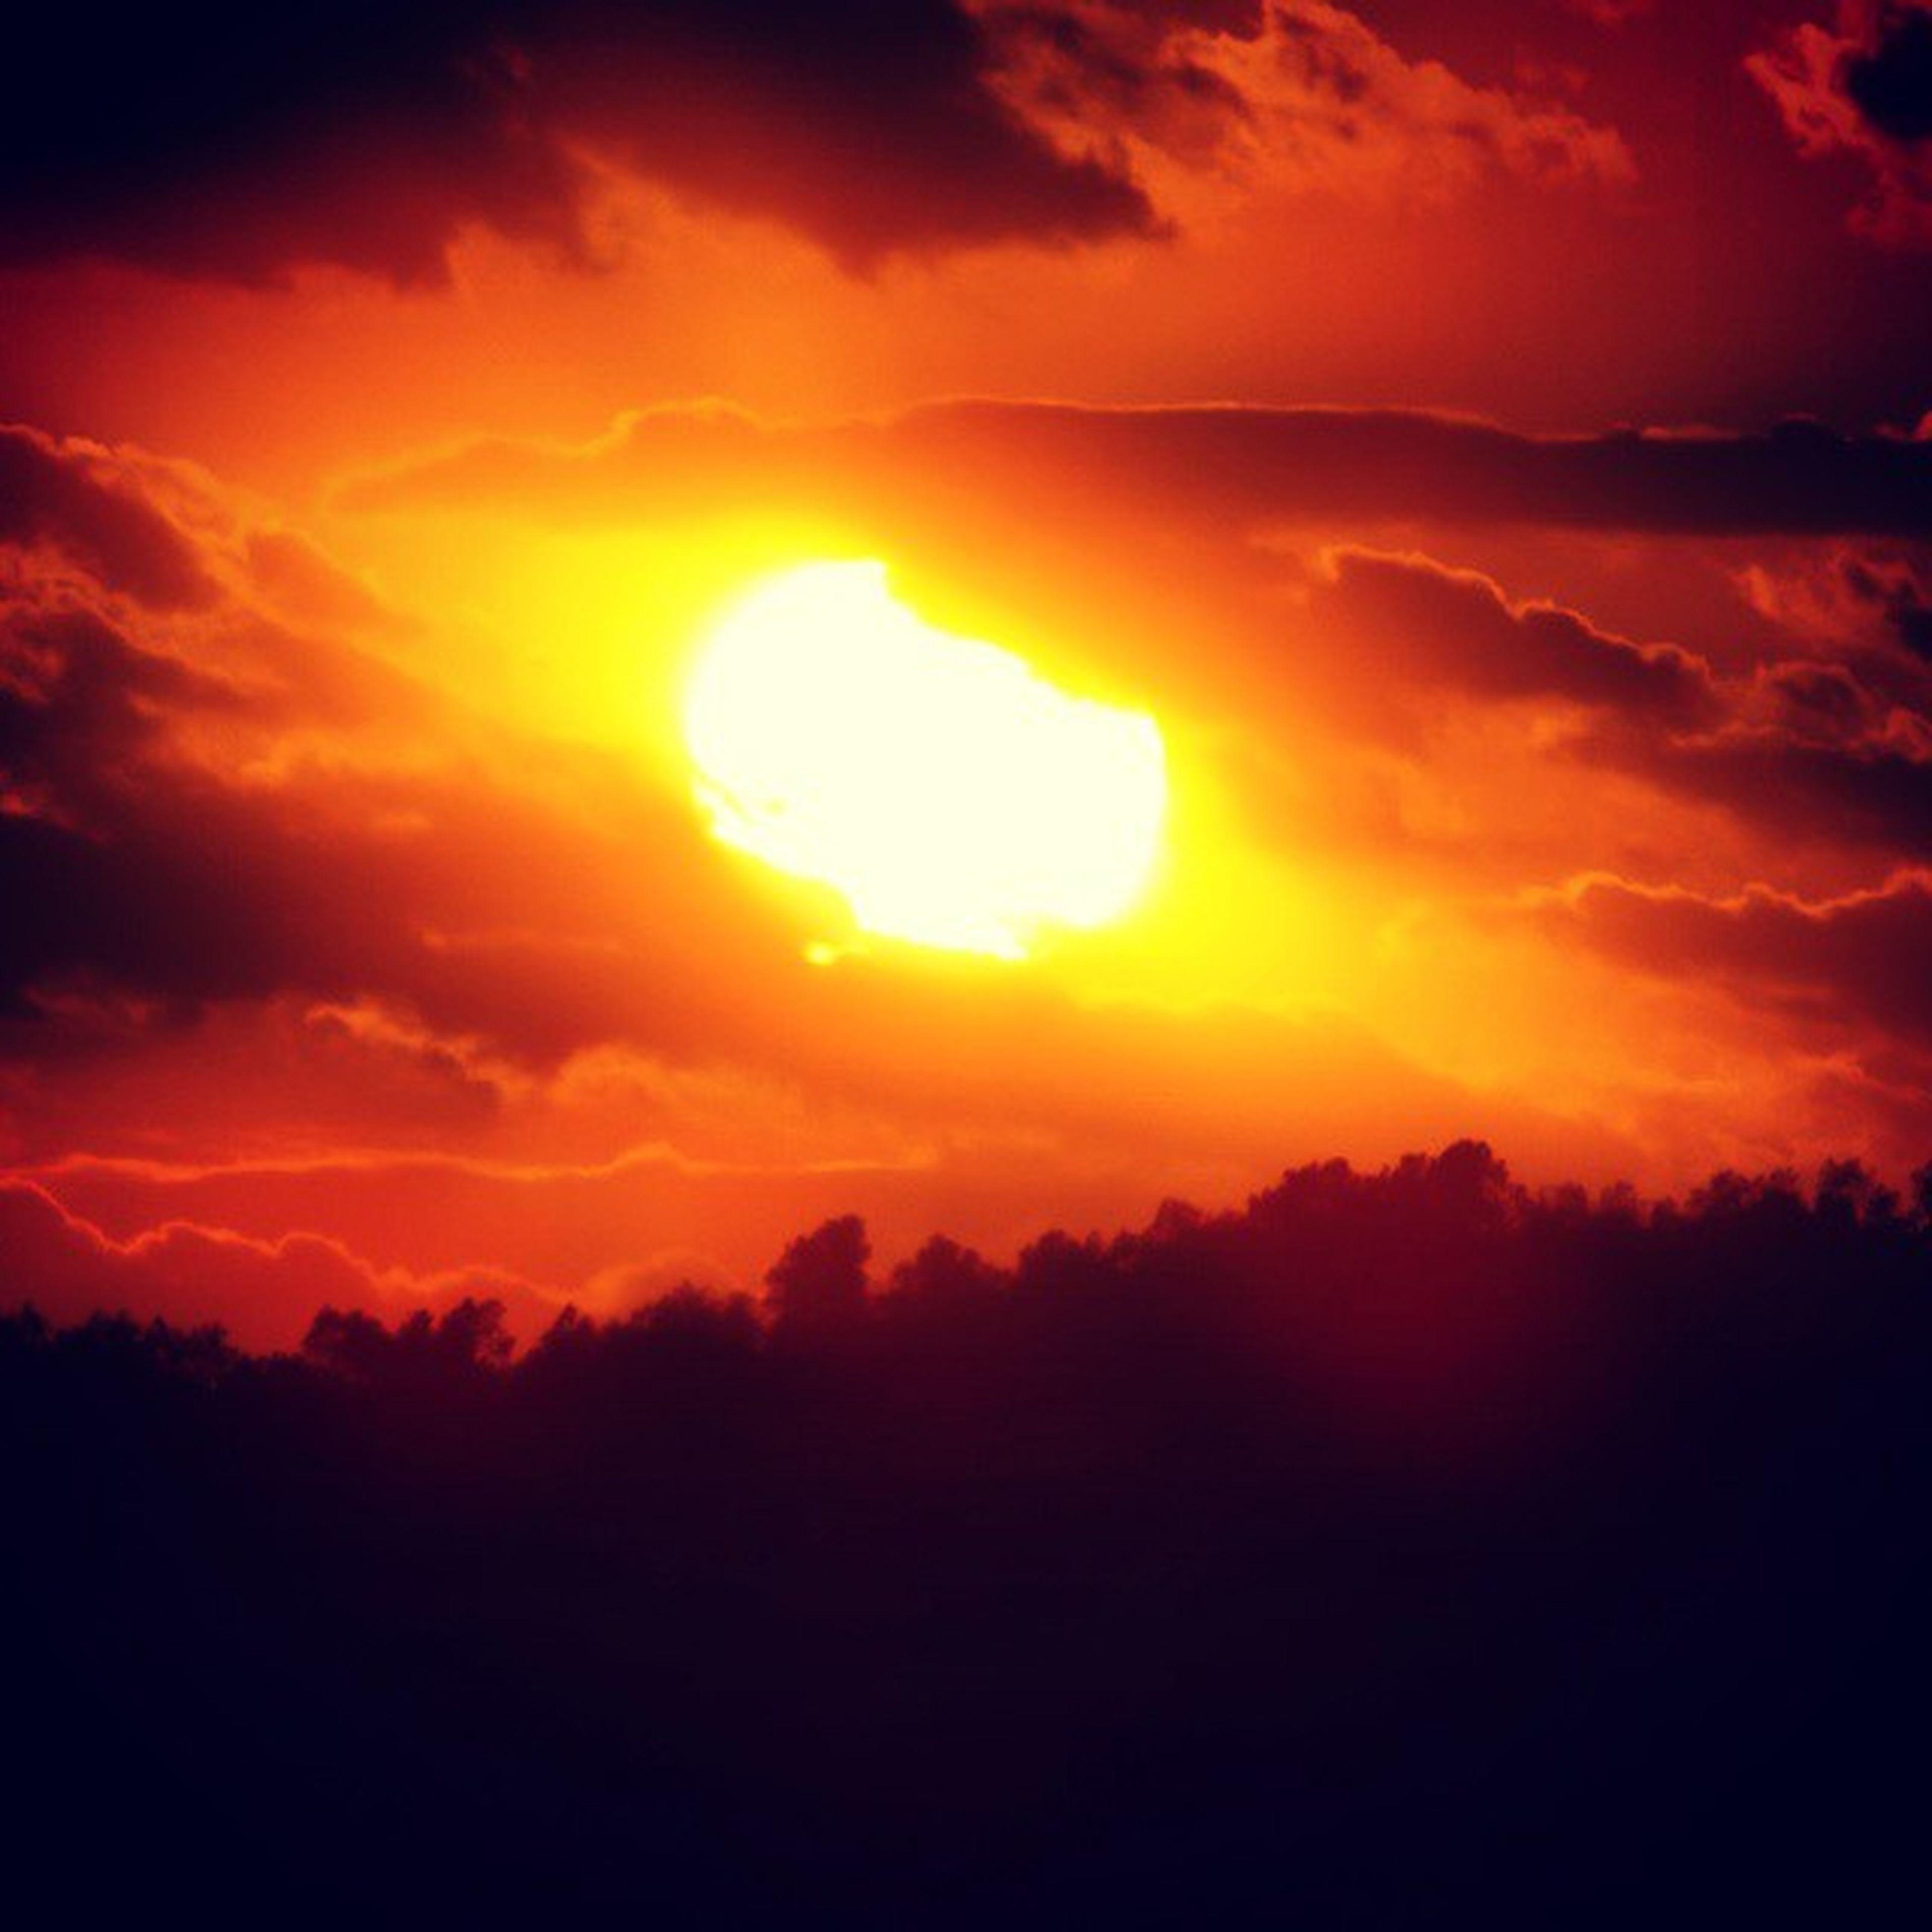 sunset, sun, orange color, scenics, beauty in nature, sky, tranquil scene, tranquility, silhouette, cloud - sky, idyllic, nature, dramatic sky, sunlight, majestic, cloud, sunbeam, cloudy, outdoors, landscape